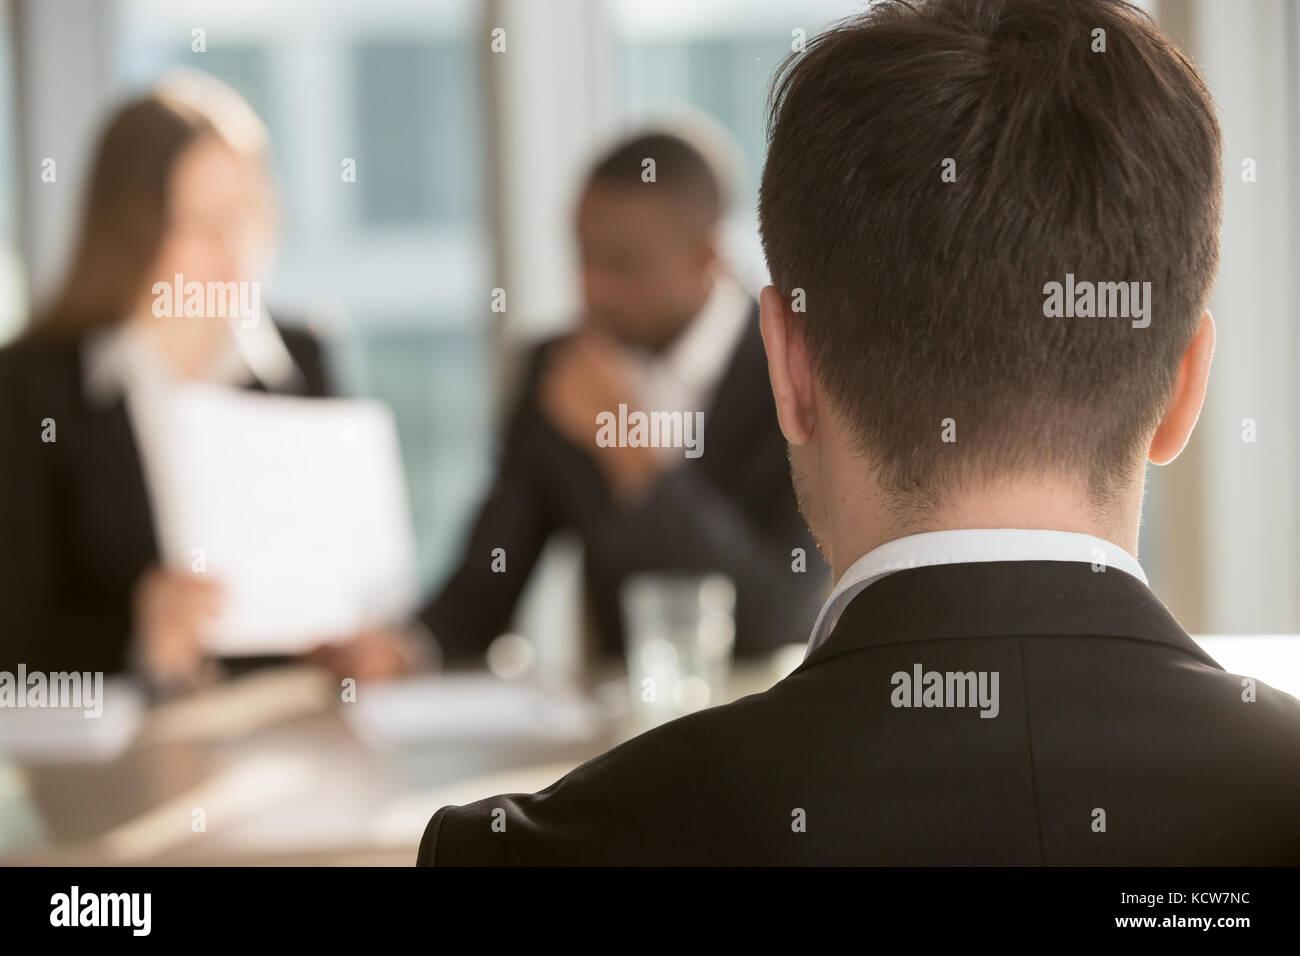 Maschio bianco candidato al lavoro in attesa di decisione dei datori di lavoro che le multinazionali responsabili Immagini Stock